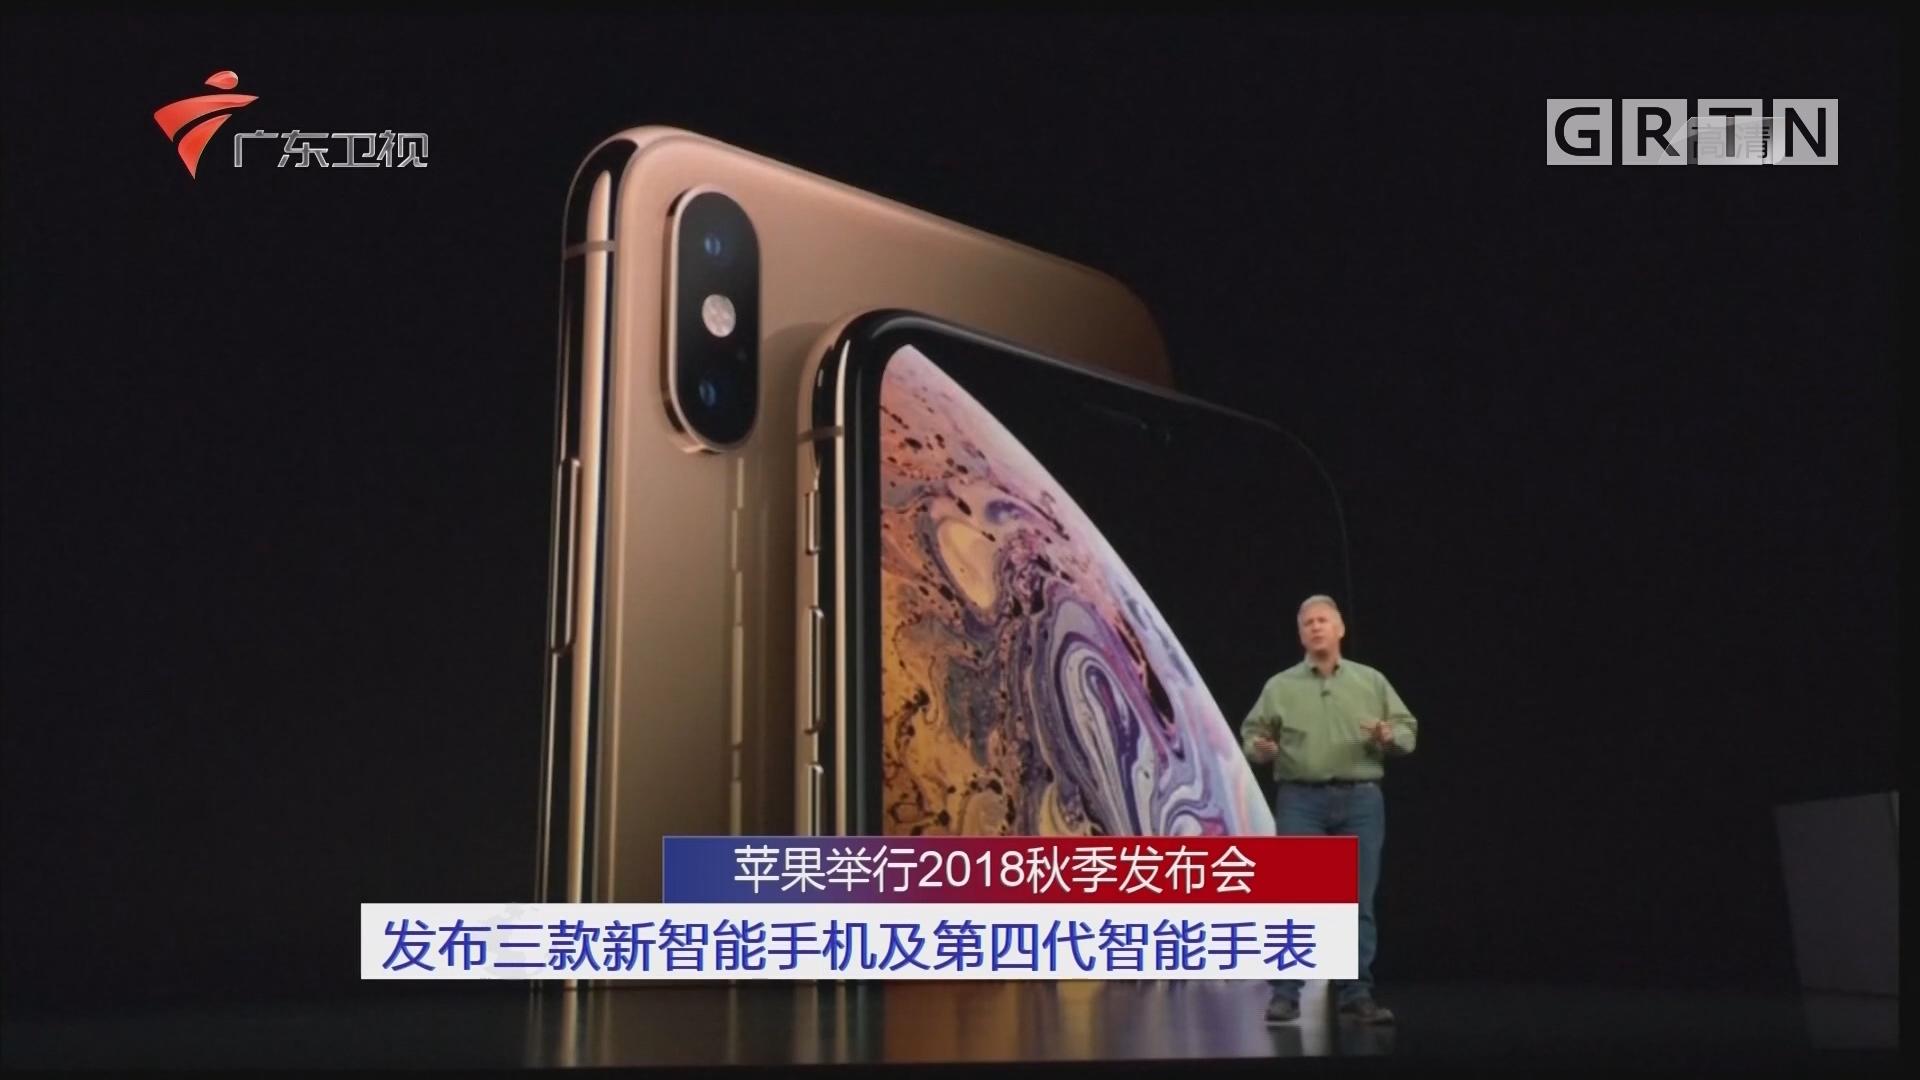 苹果举行2018秋季发布会:发布三款新智能手机及第四代智能手表